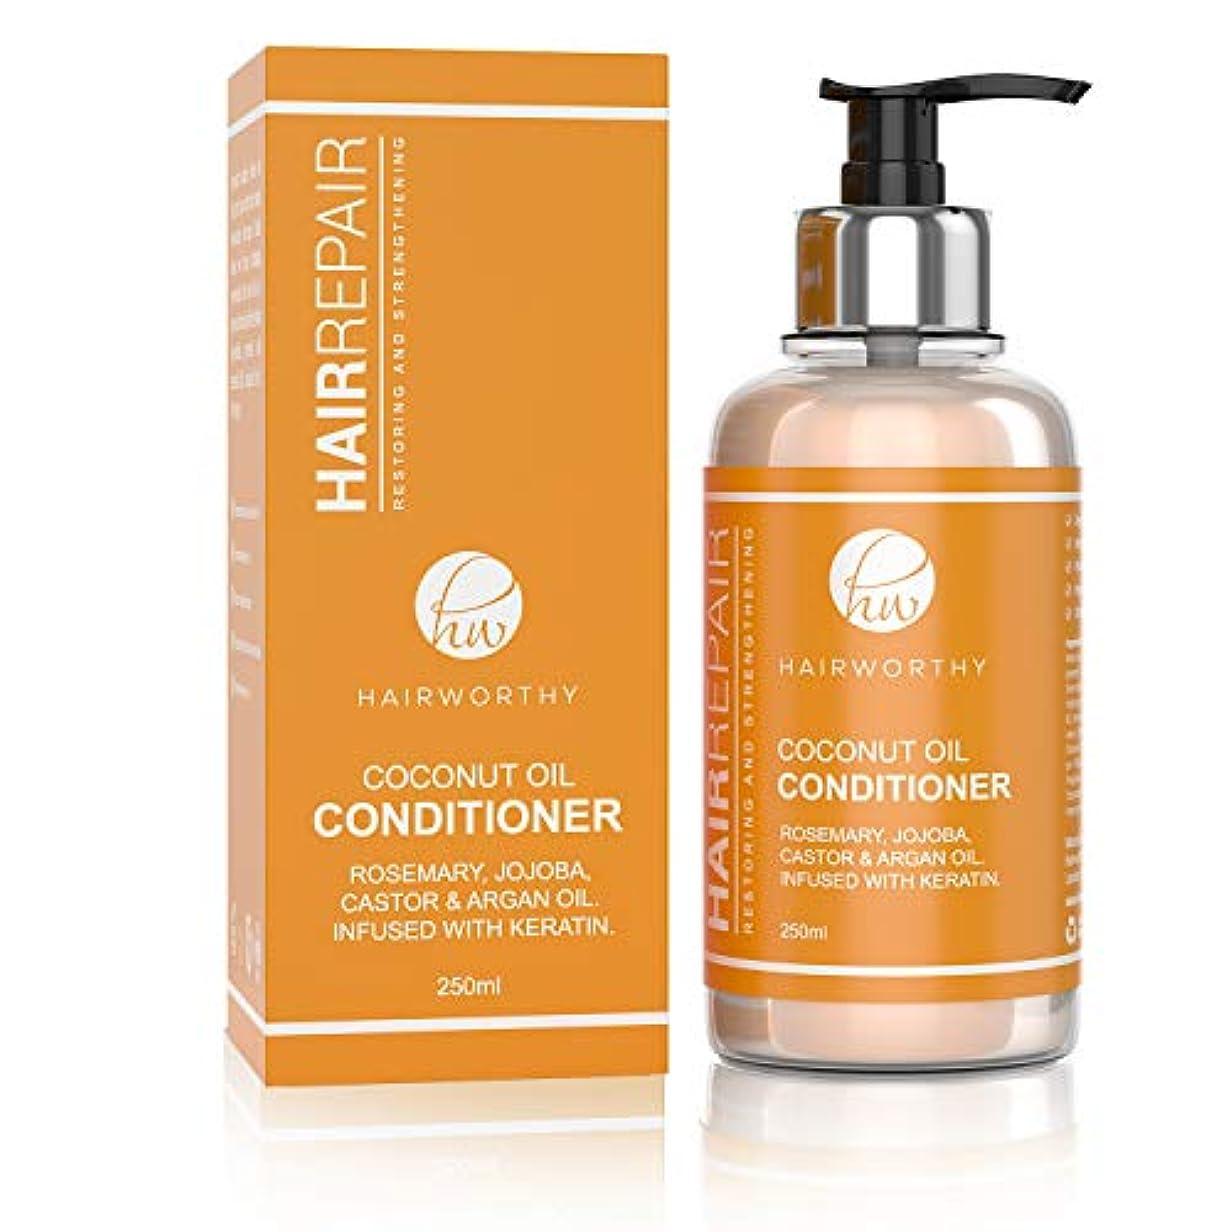 Hairworthy Hairrepair ヘアリペアココナッツオイルコンディショナー-ローズマリー、ホホバ、ヒマシ油、アルガンオイル。ケラチンを注入します。